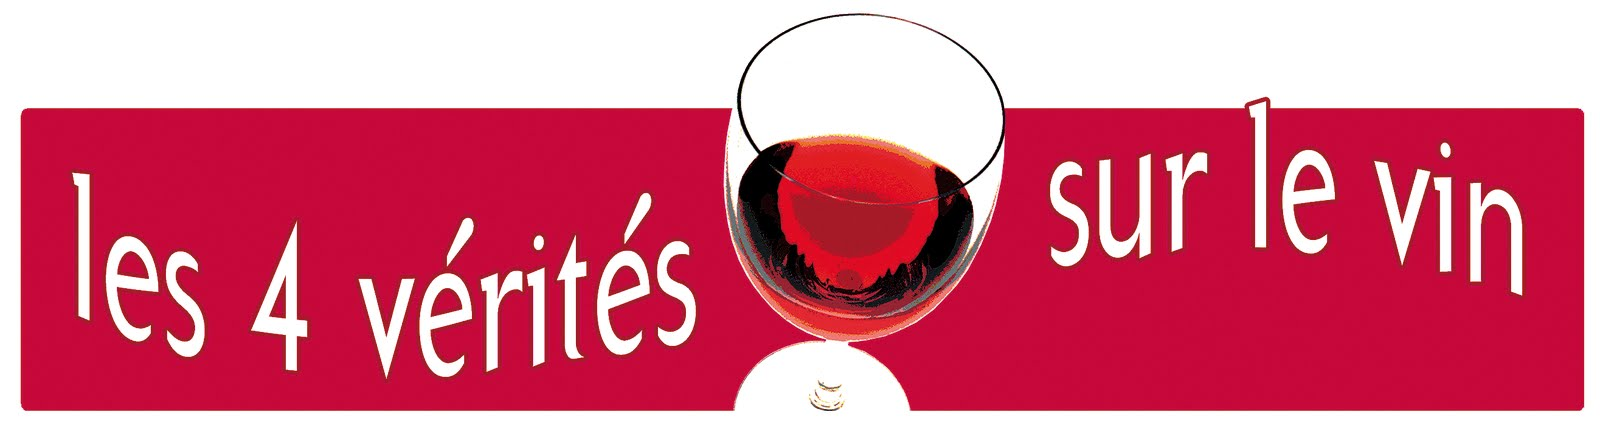 Les 4 vérités sur le Vin